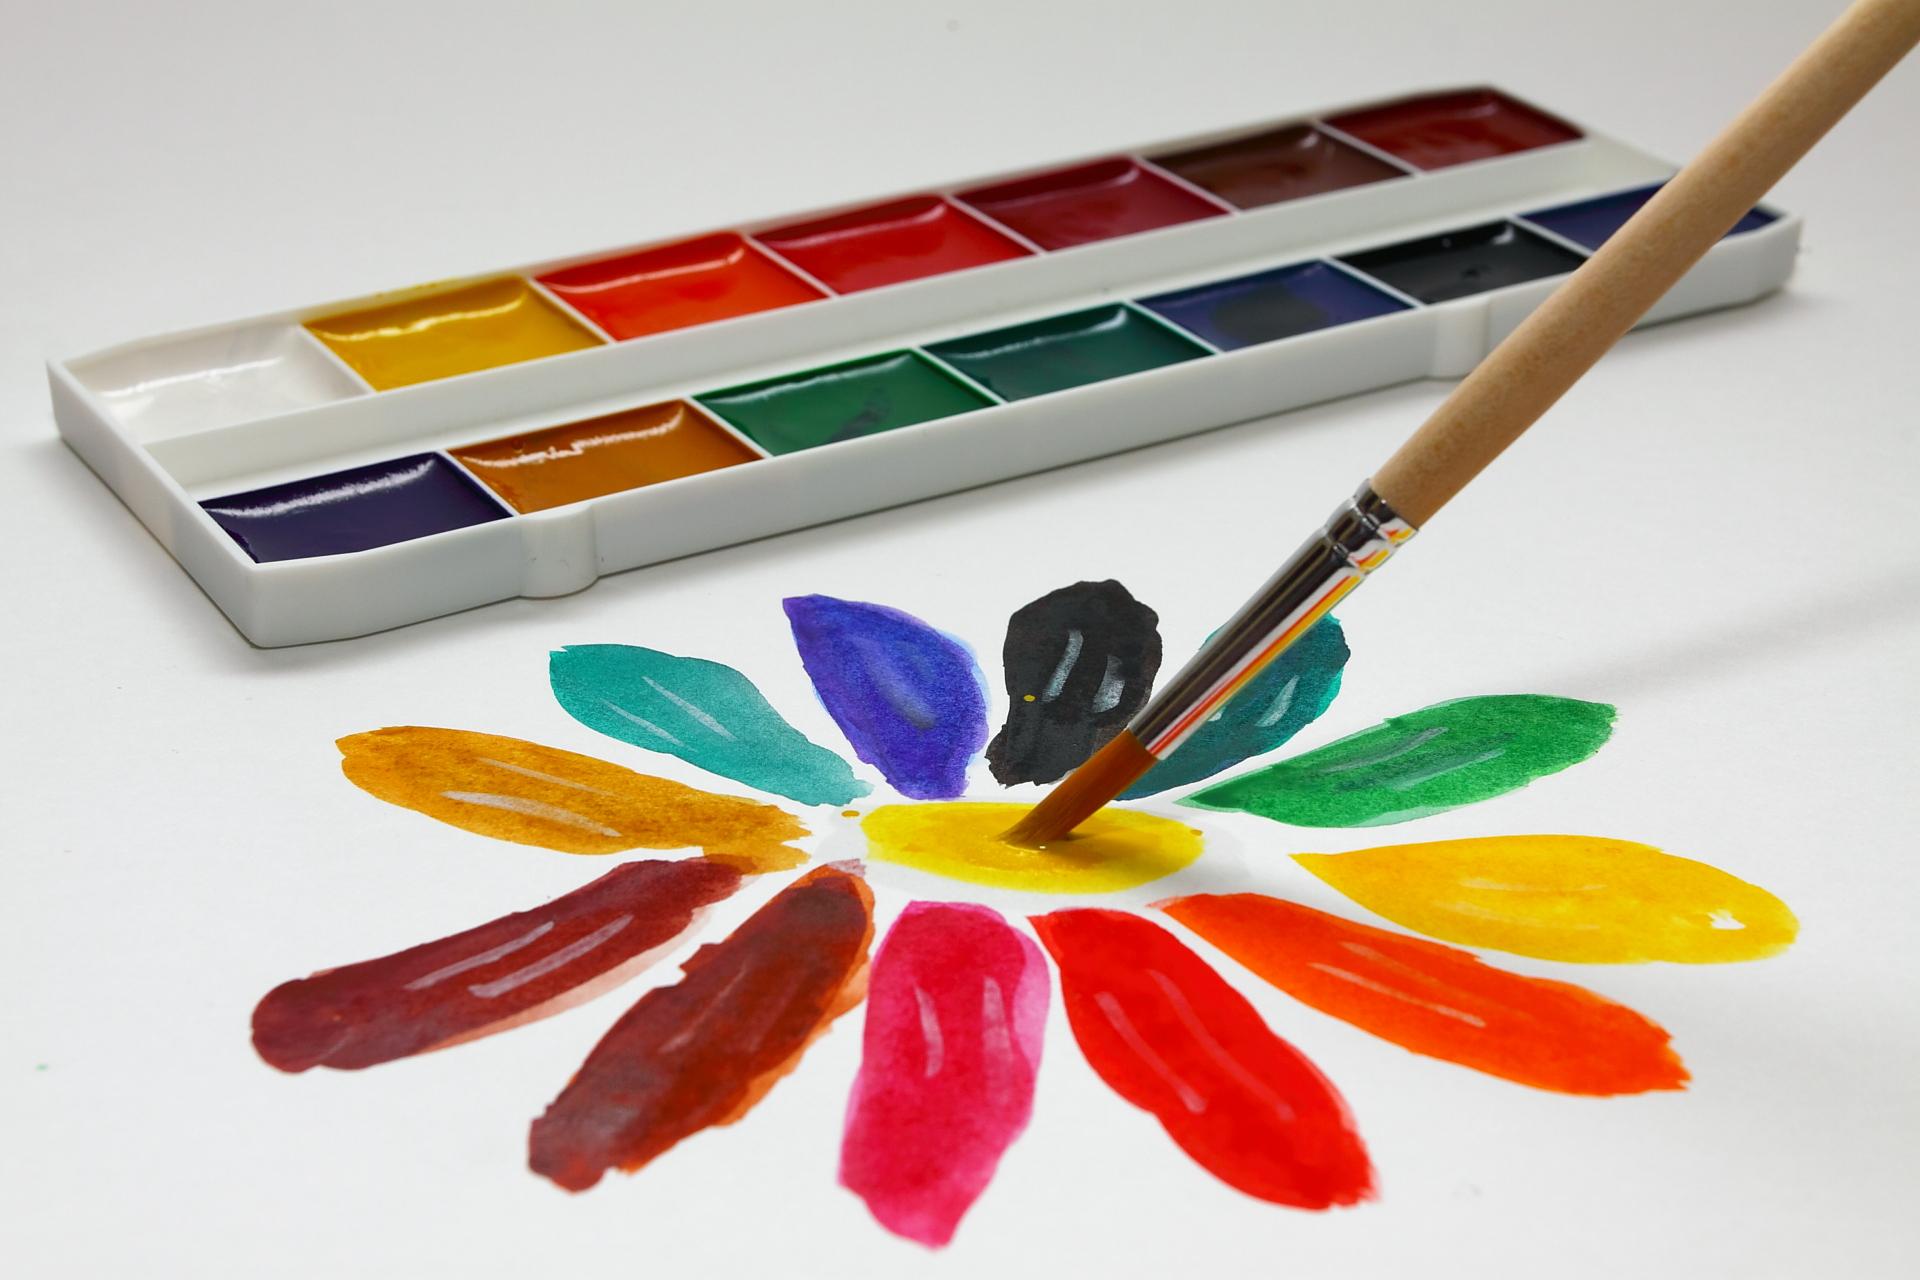 еще более картинки разноцветная палитра ситуации, когда вас